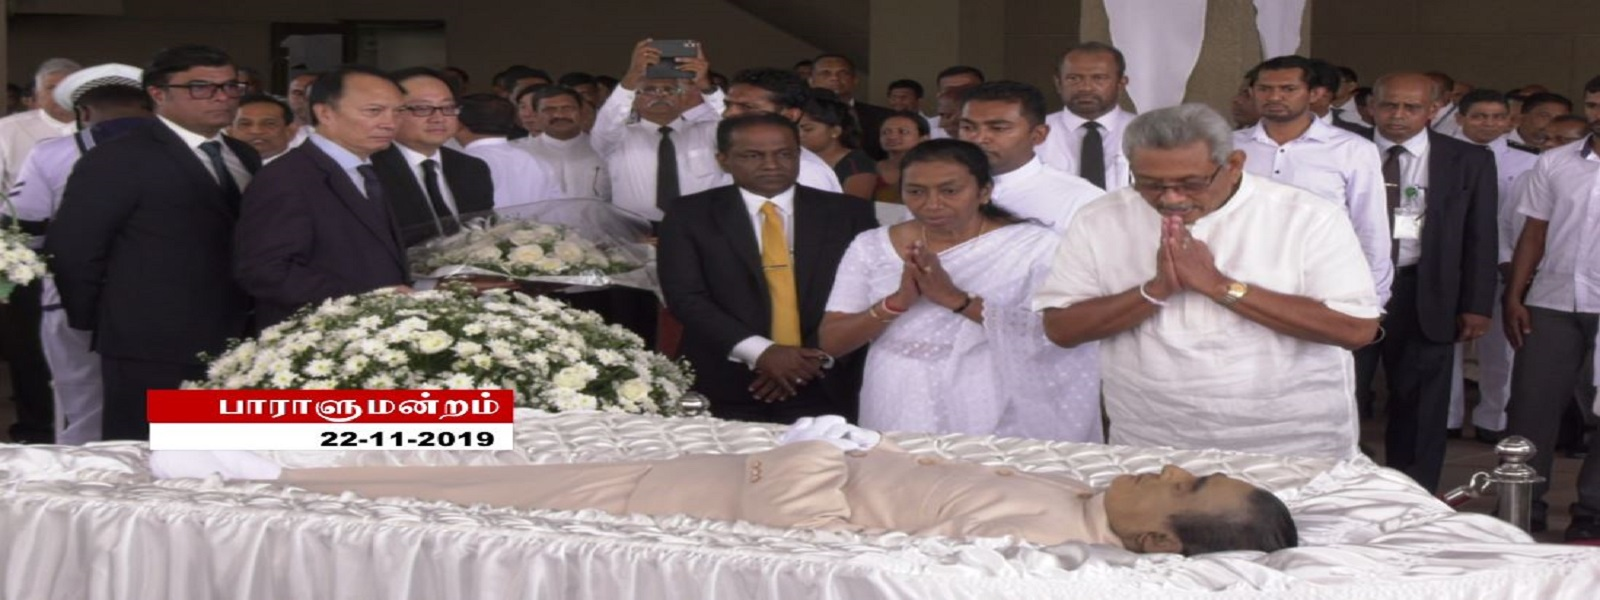 முன்னாள் பிரதமர் டி.எம்.ஜயரத்னவிற்கு பாராளுமன்றத்தில் இறுதி அஞ்சலி